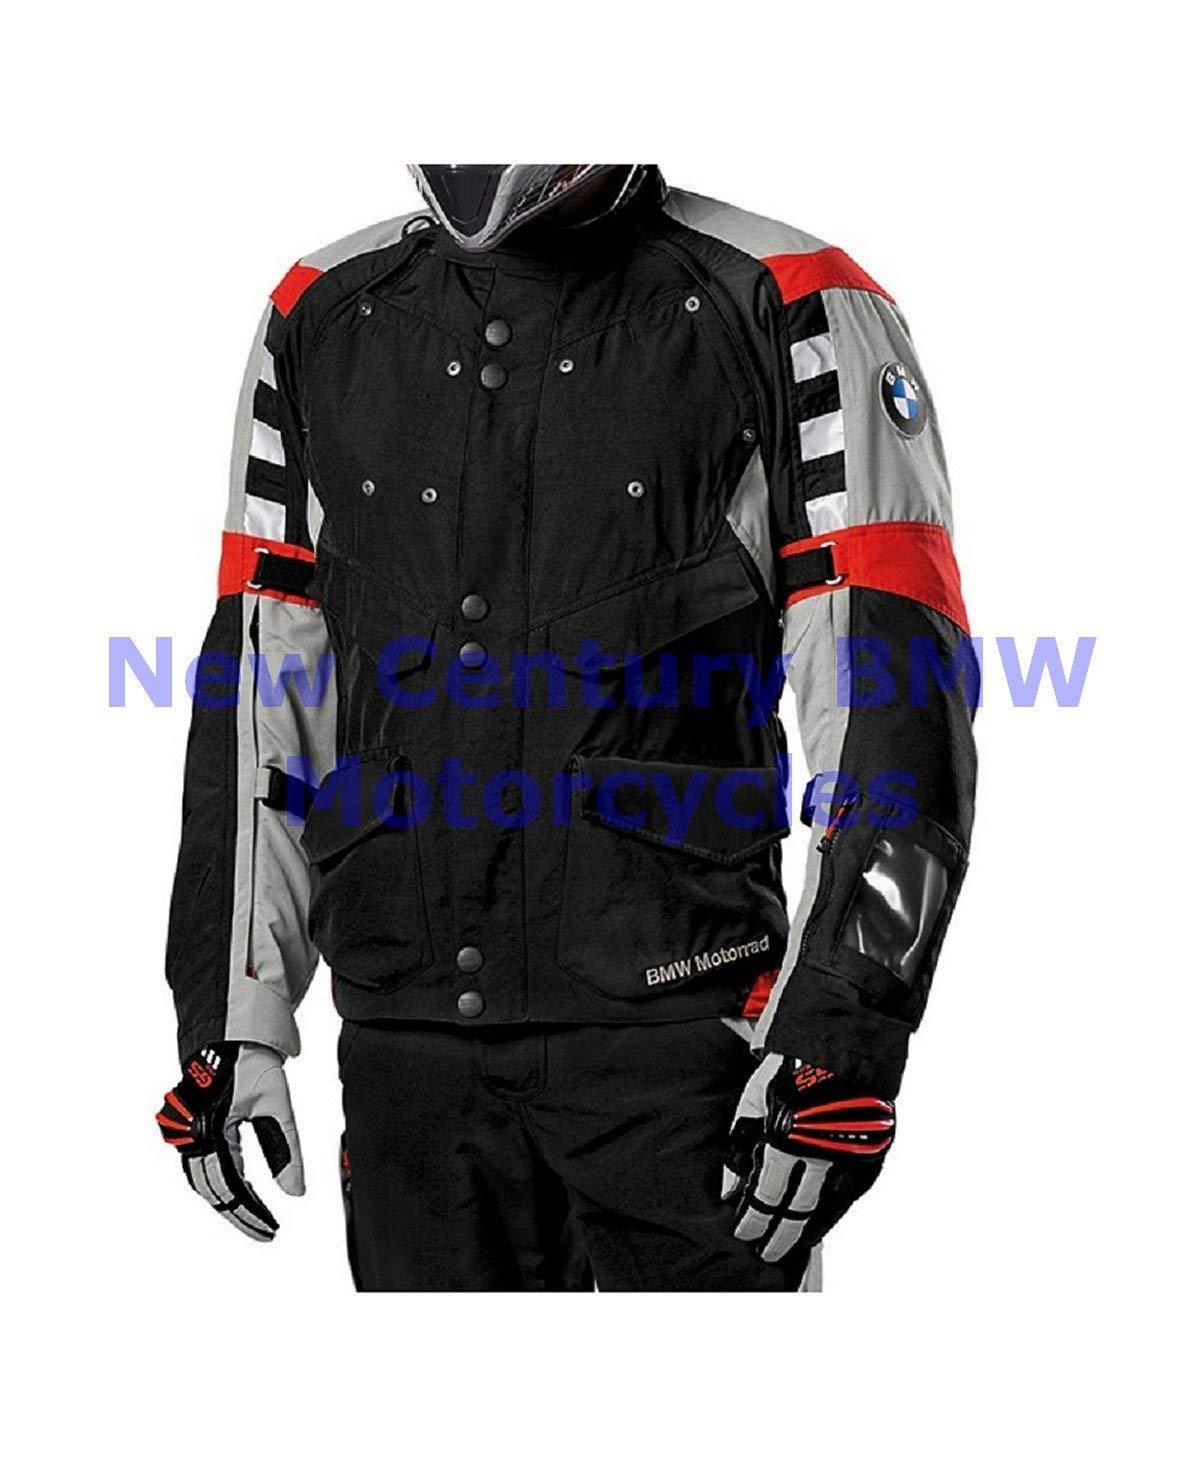 Bmw Genuine Motorcycle Motorrad Rallye Jacket Men S Color Blue Grey Size Eu 46 Us 36